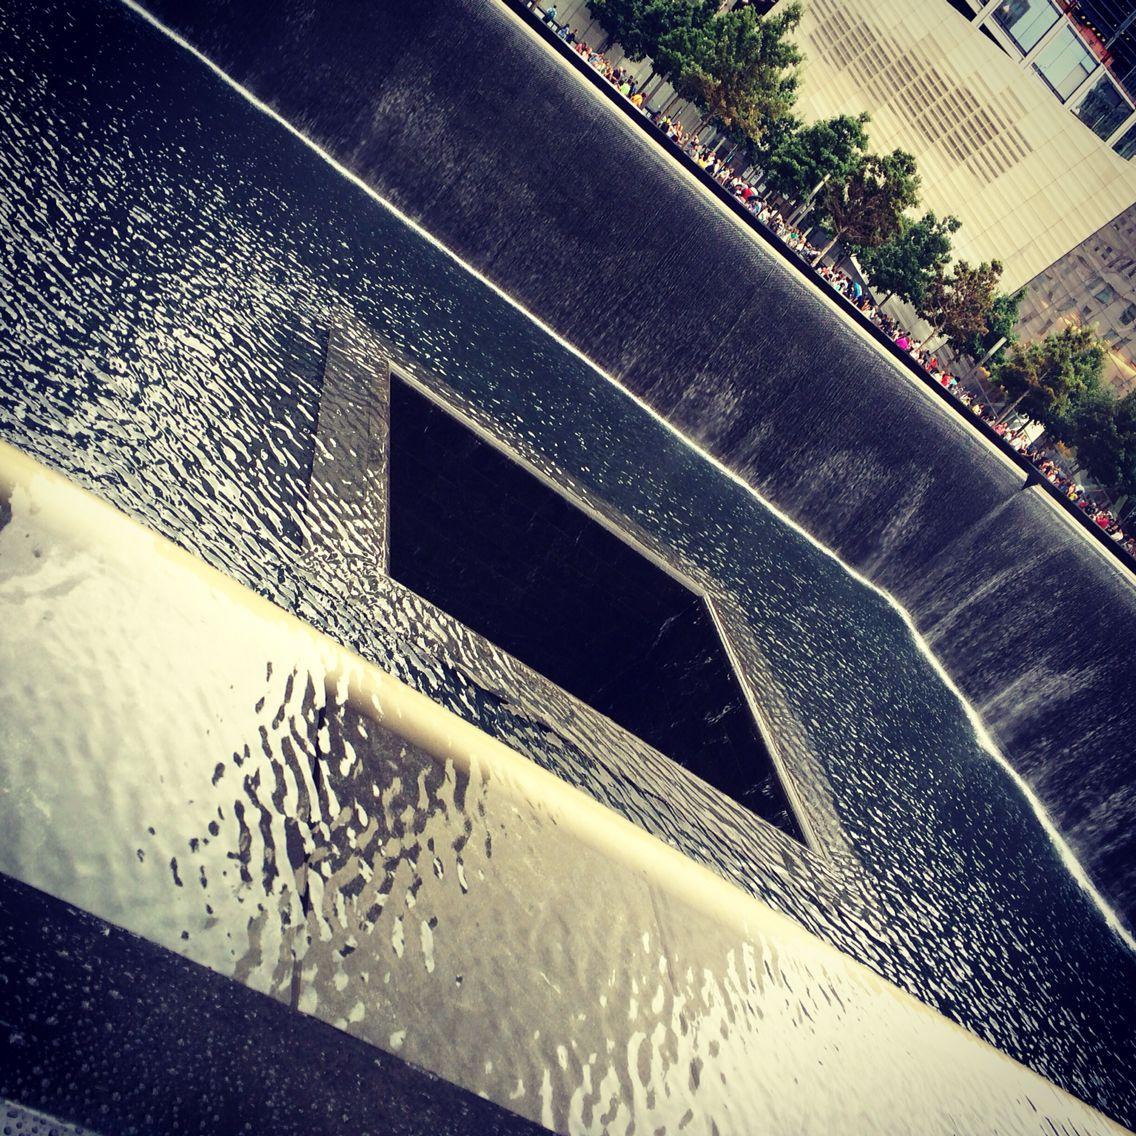 Ground Zero - NYC #groundzeronyc